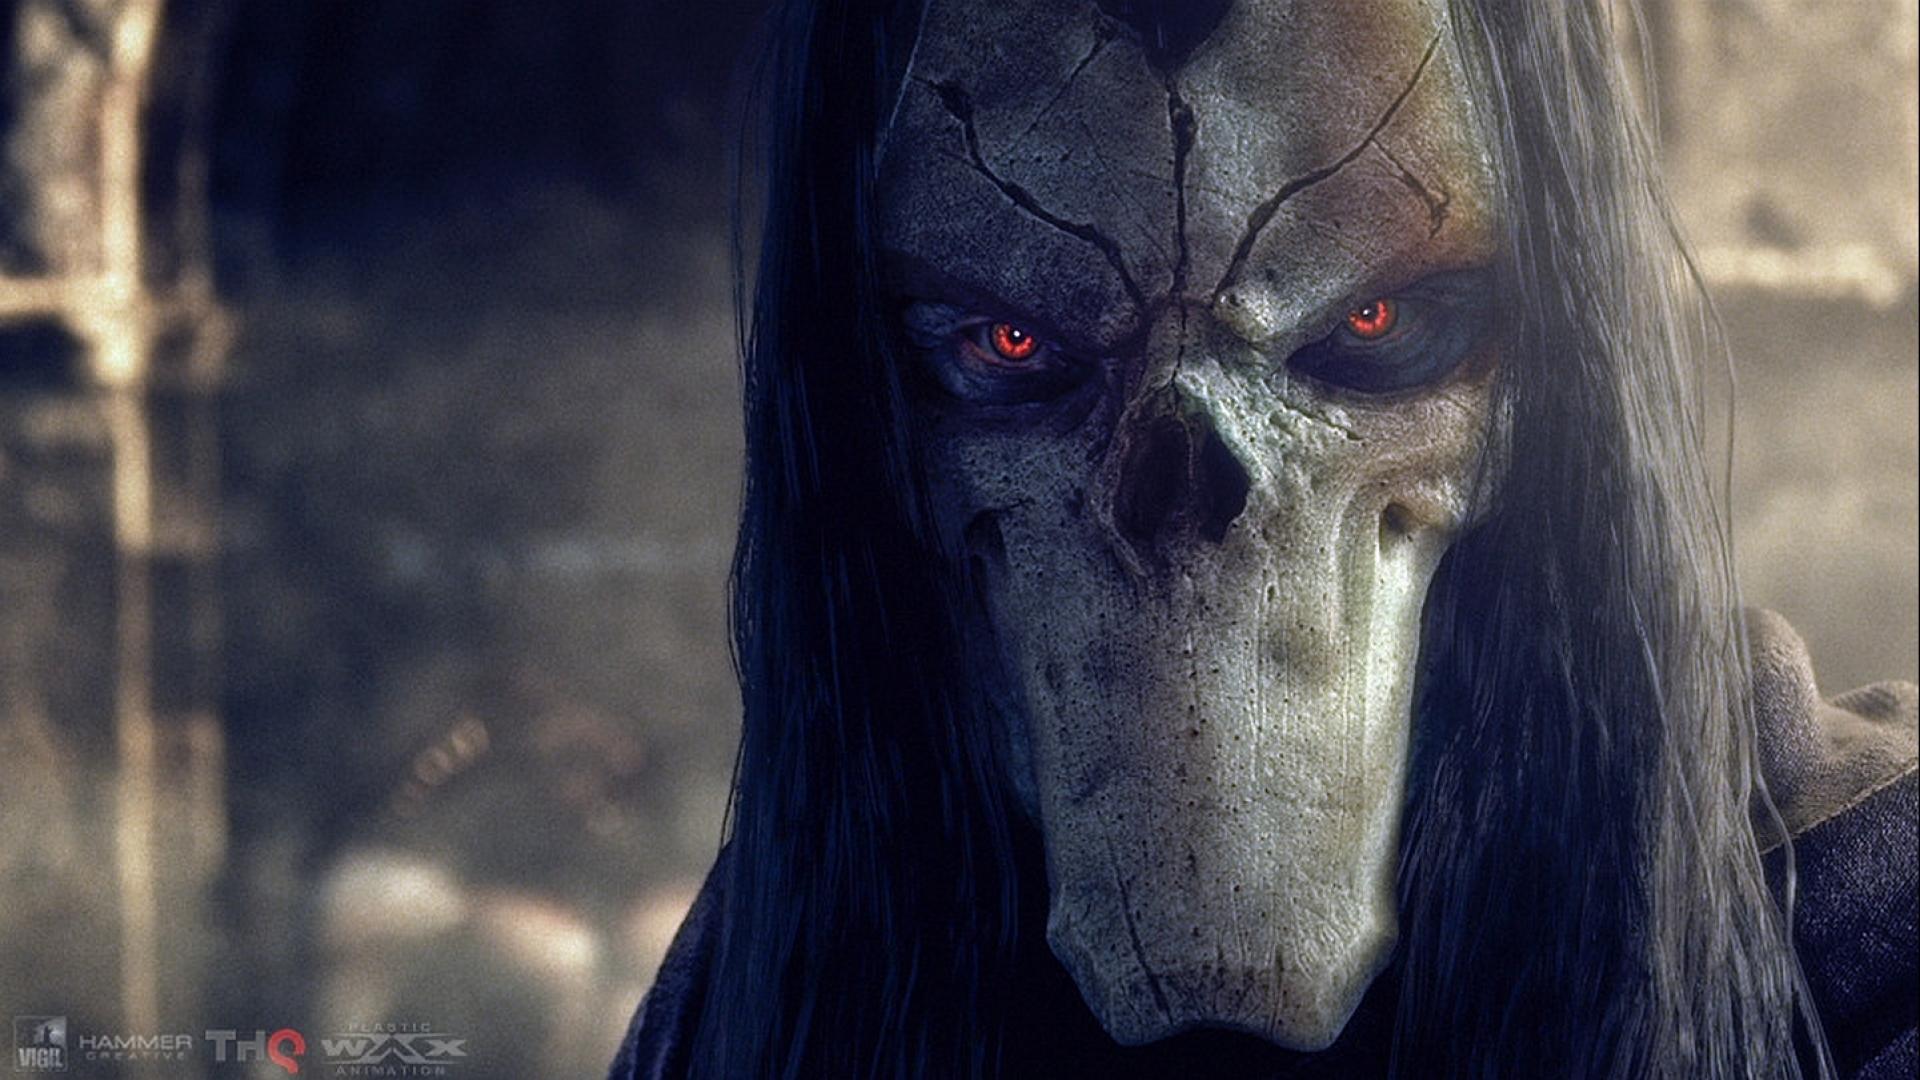 《暗黑血统2》5号升级档+阿古尔之墓DLC+深渊熔炉DLC+破解补丁[3DM]